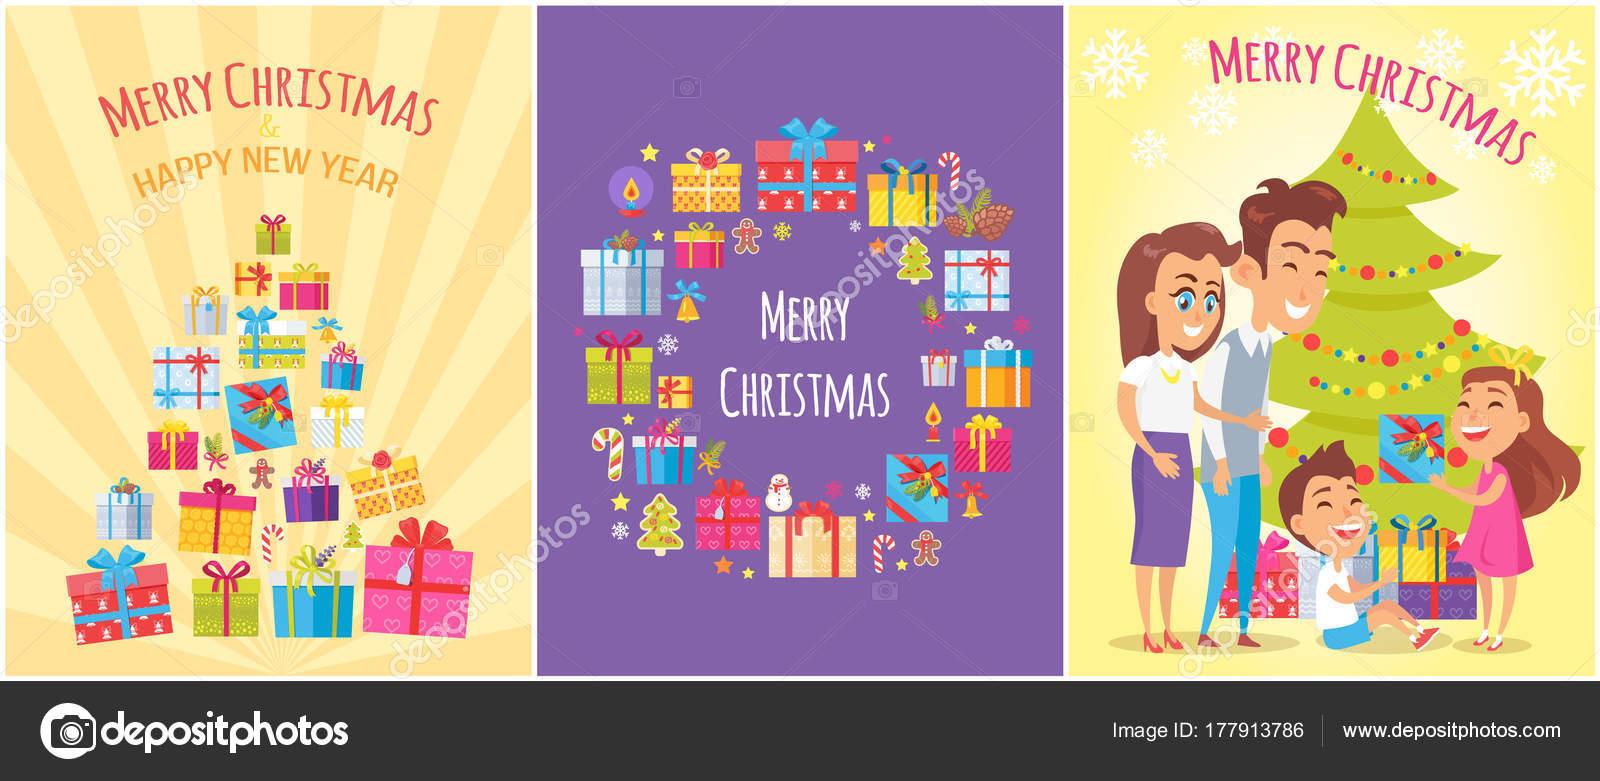 e06ebc3d27411 Cartel de feliz Navidad con regalo cajas de símbolos– ilustración de stock